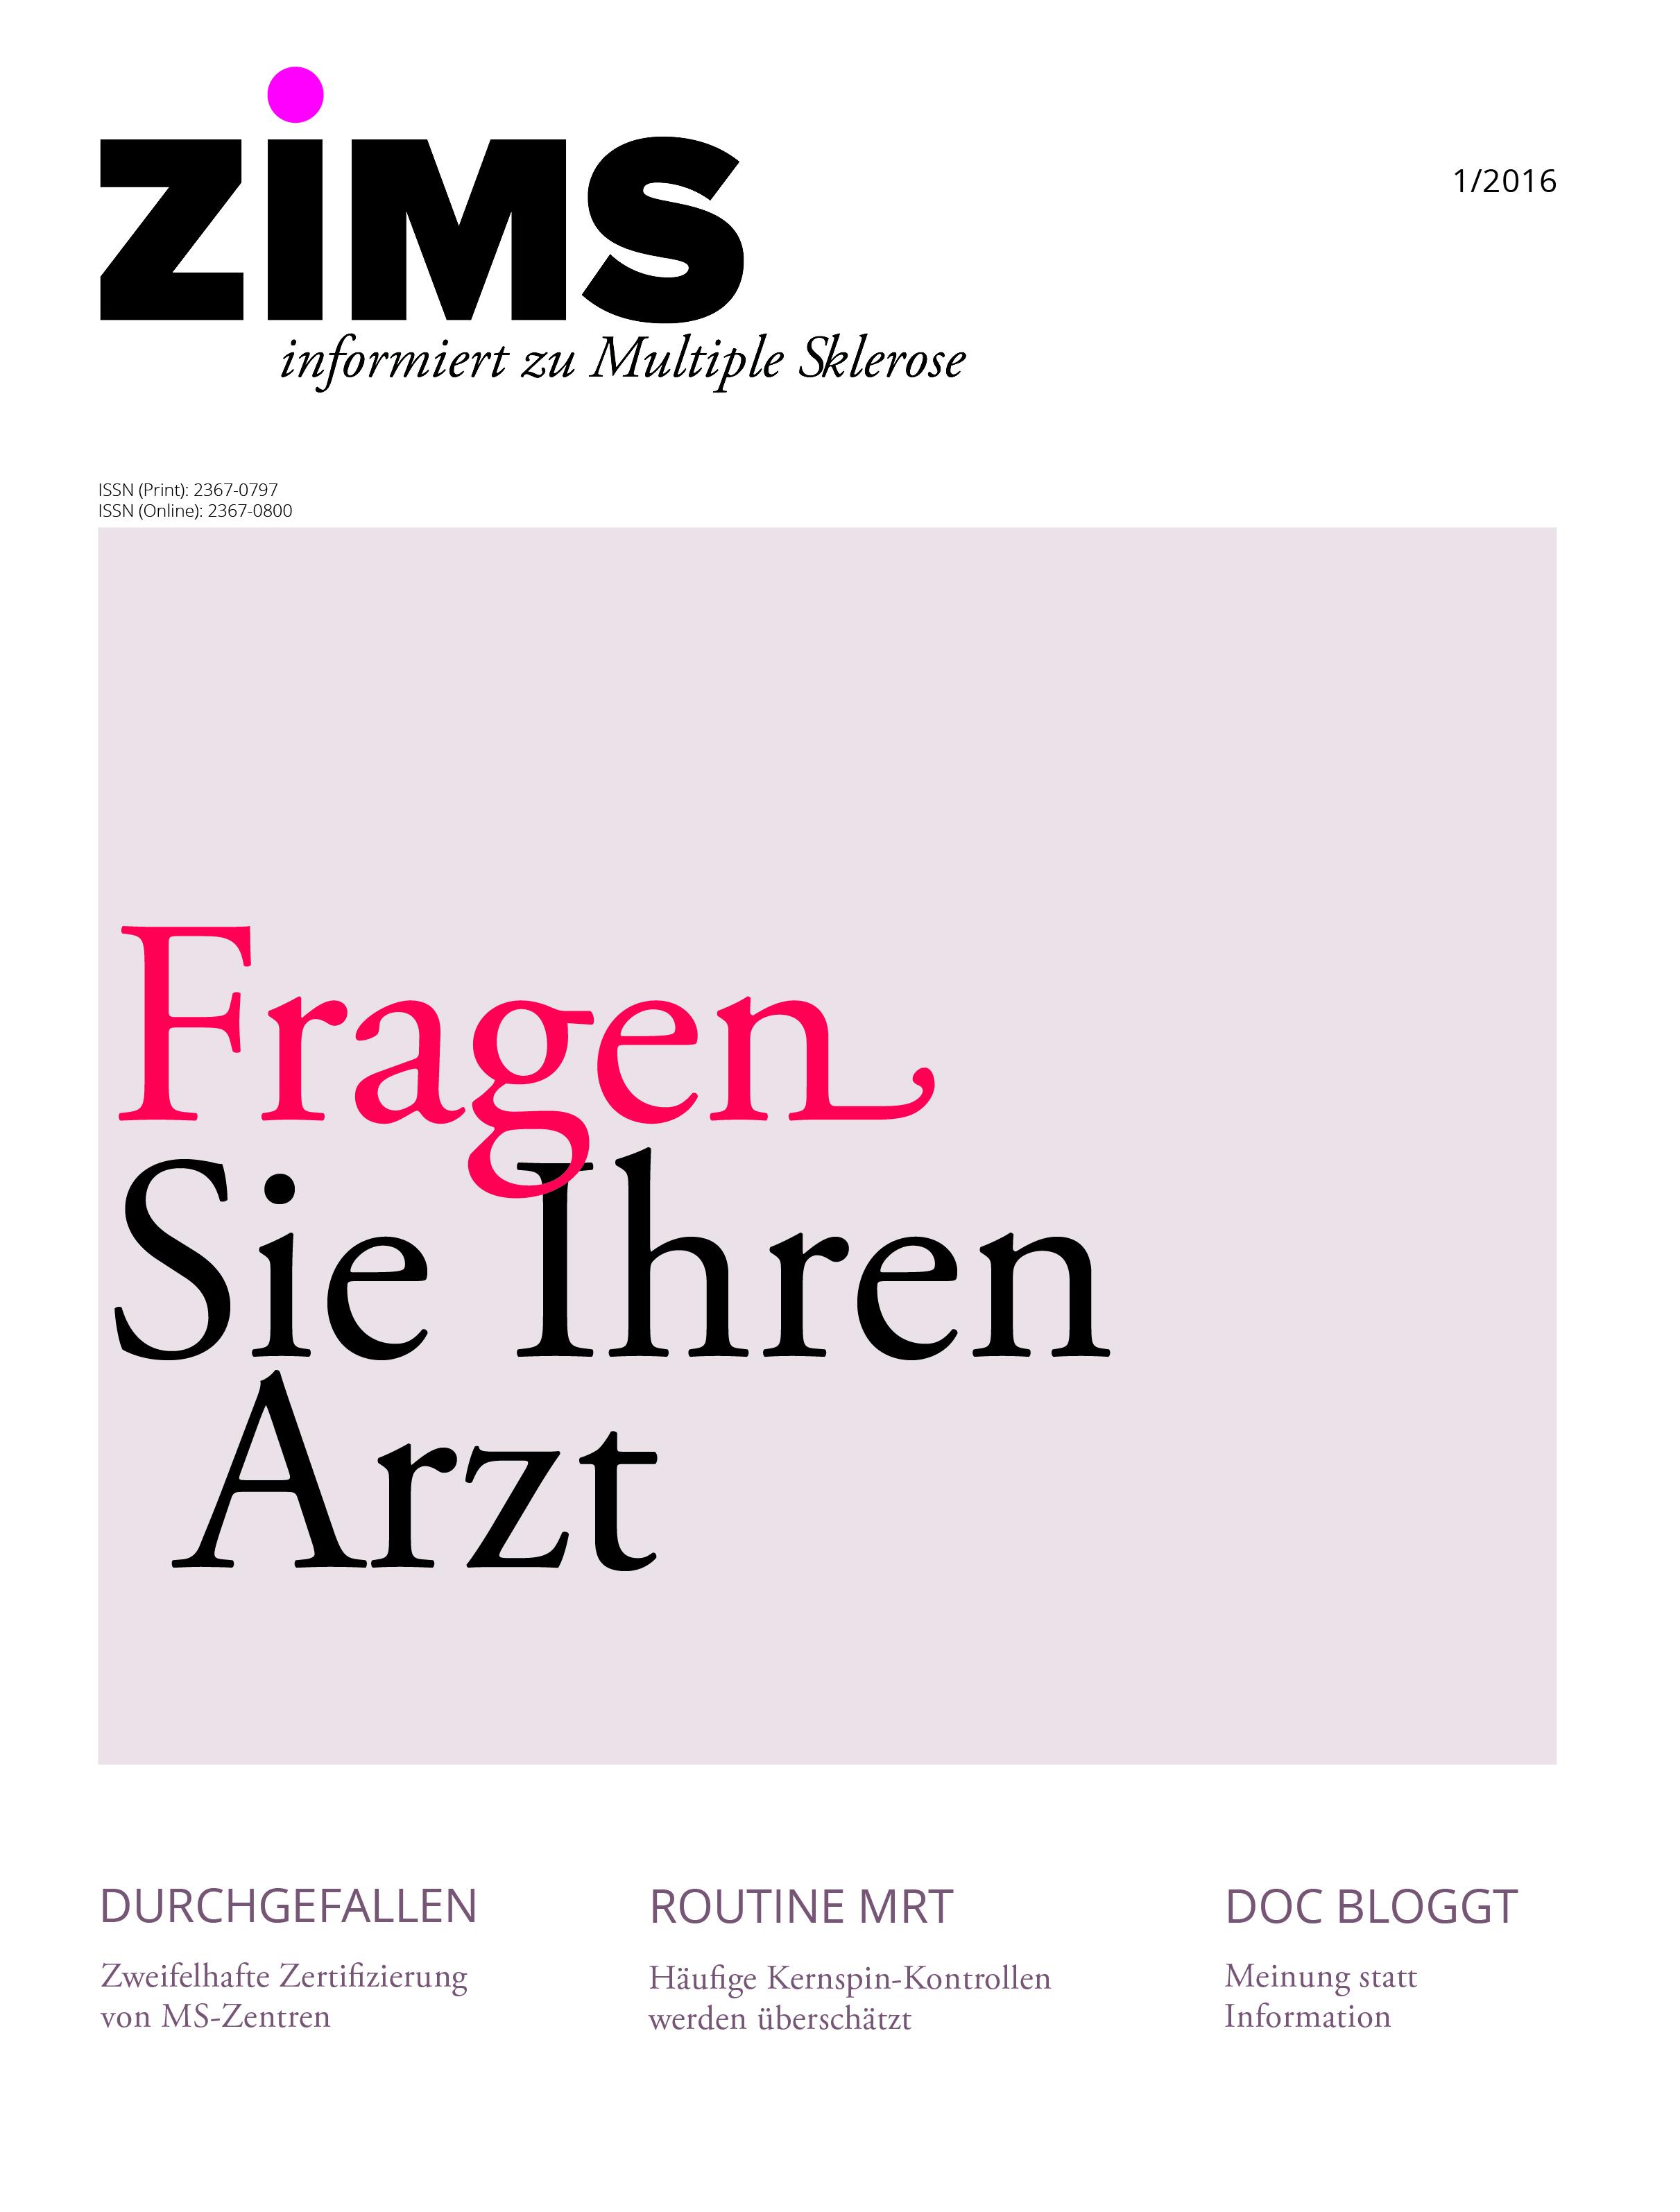 ZIMS 2 (ms-stiftung-trier.de/zims-magazin/)